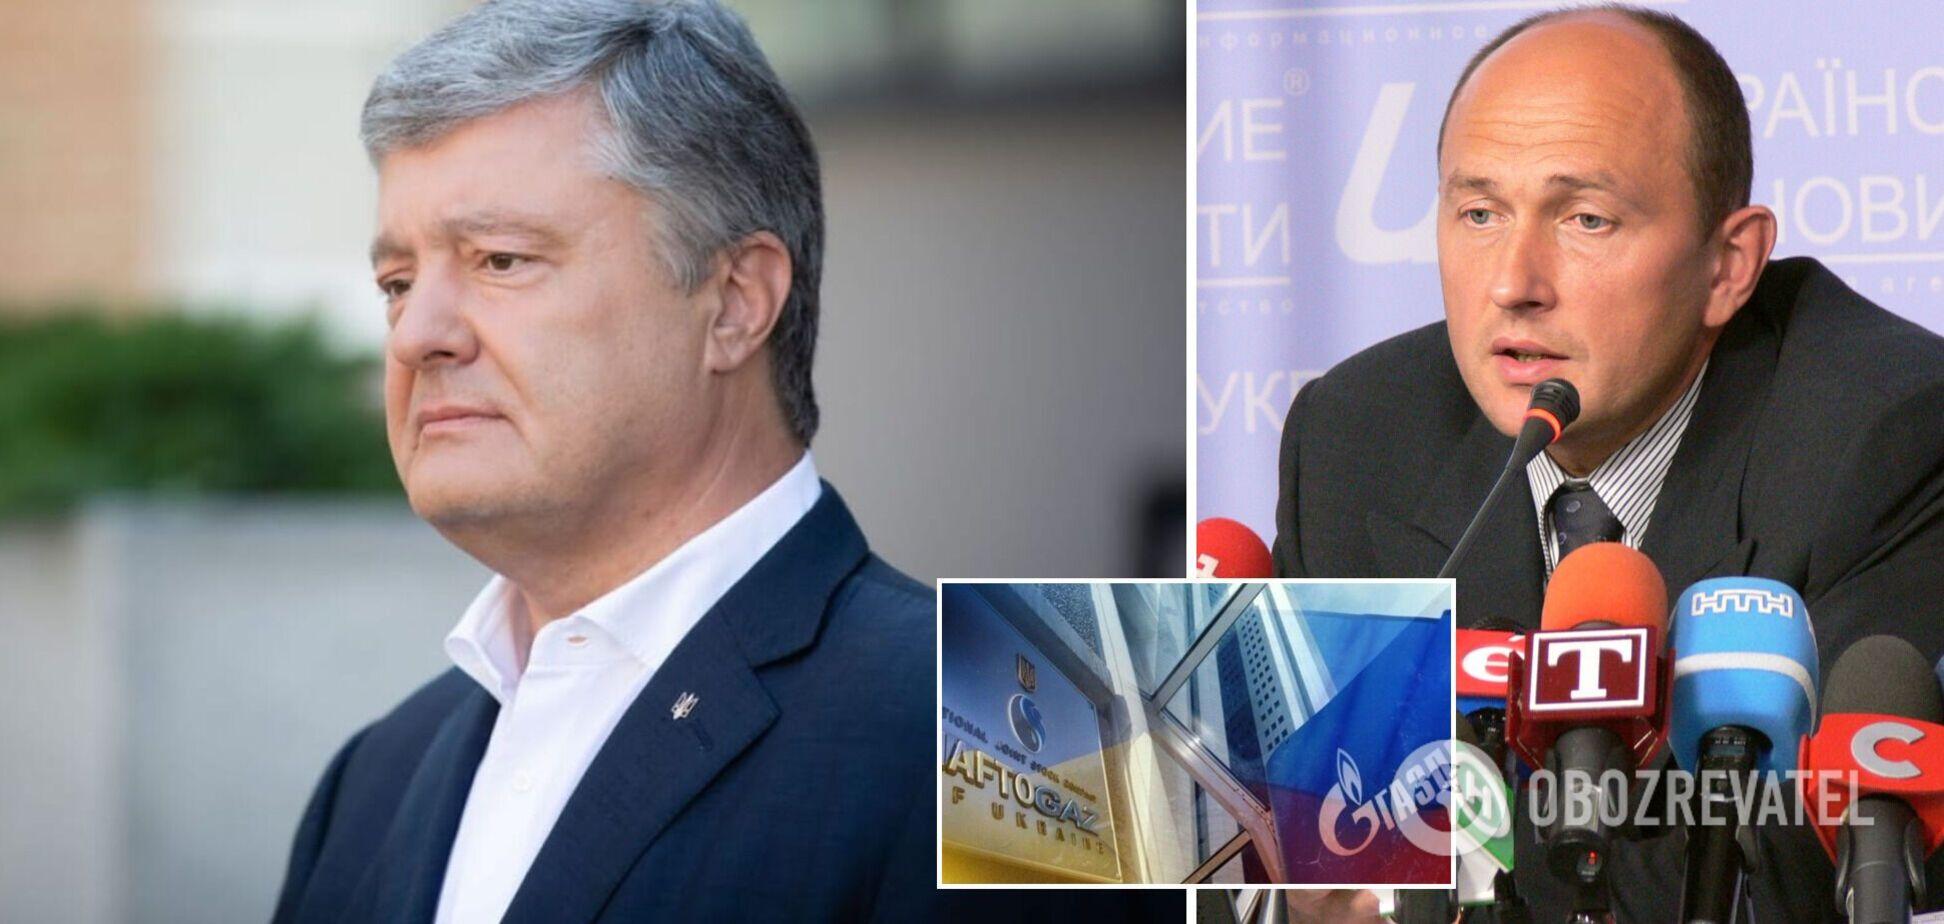 Россия в 2014-ом хотела навязать Украине газового посредника, Порошенко отказался, – экс-заместитель главы 'Нафтогаза'